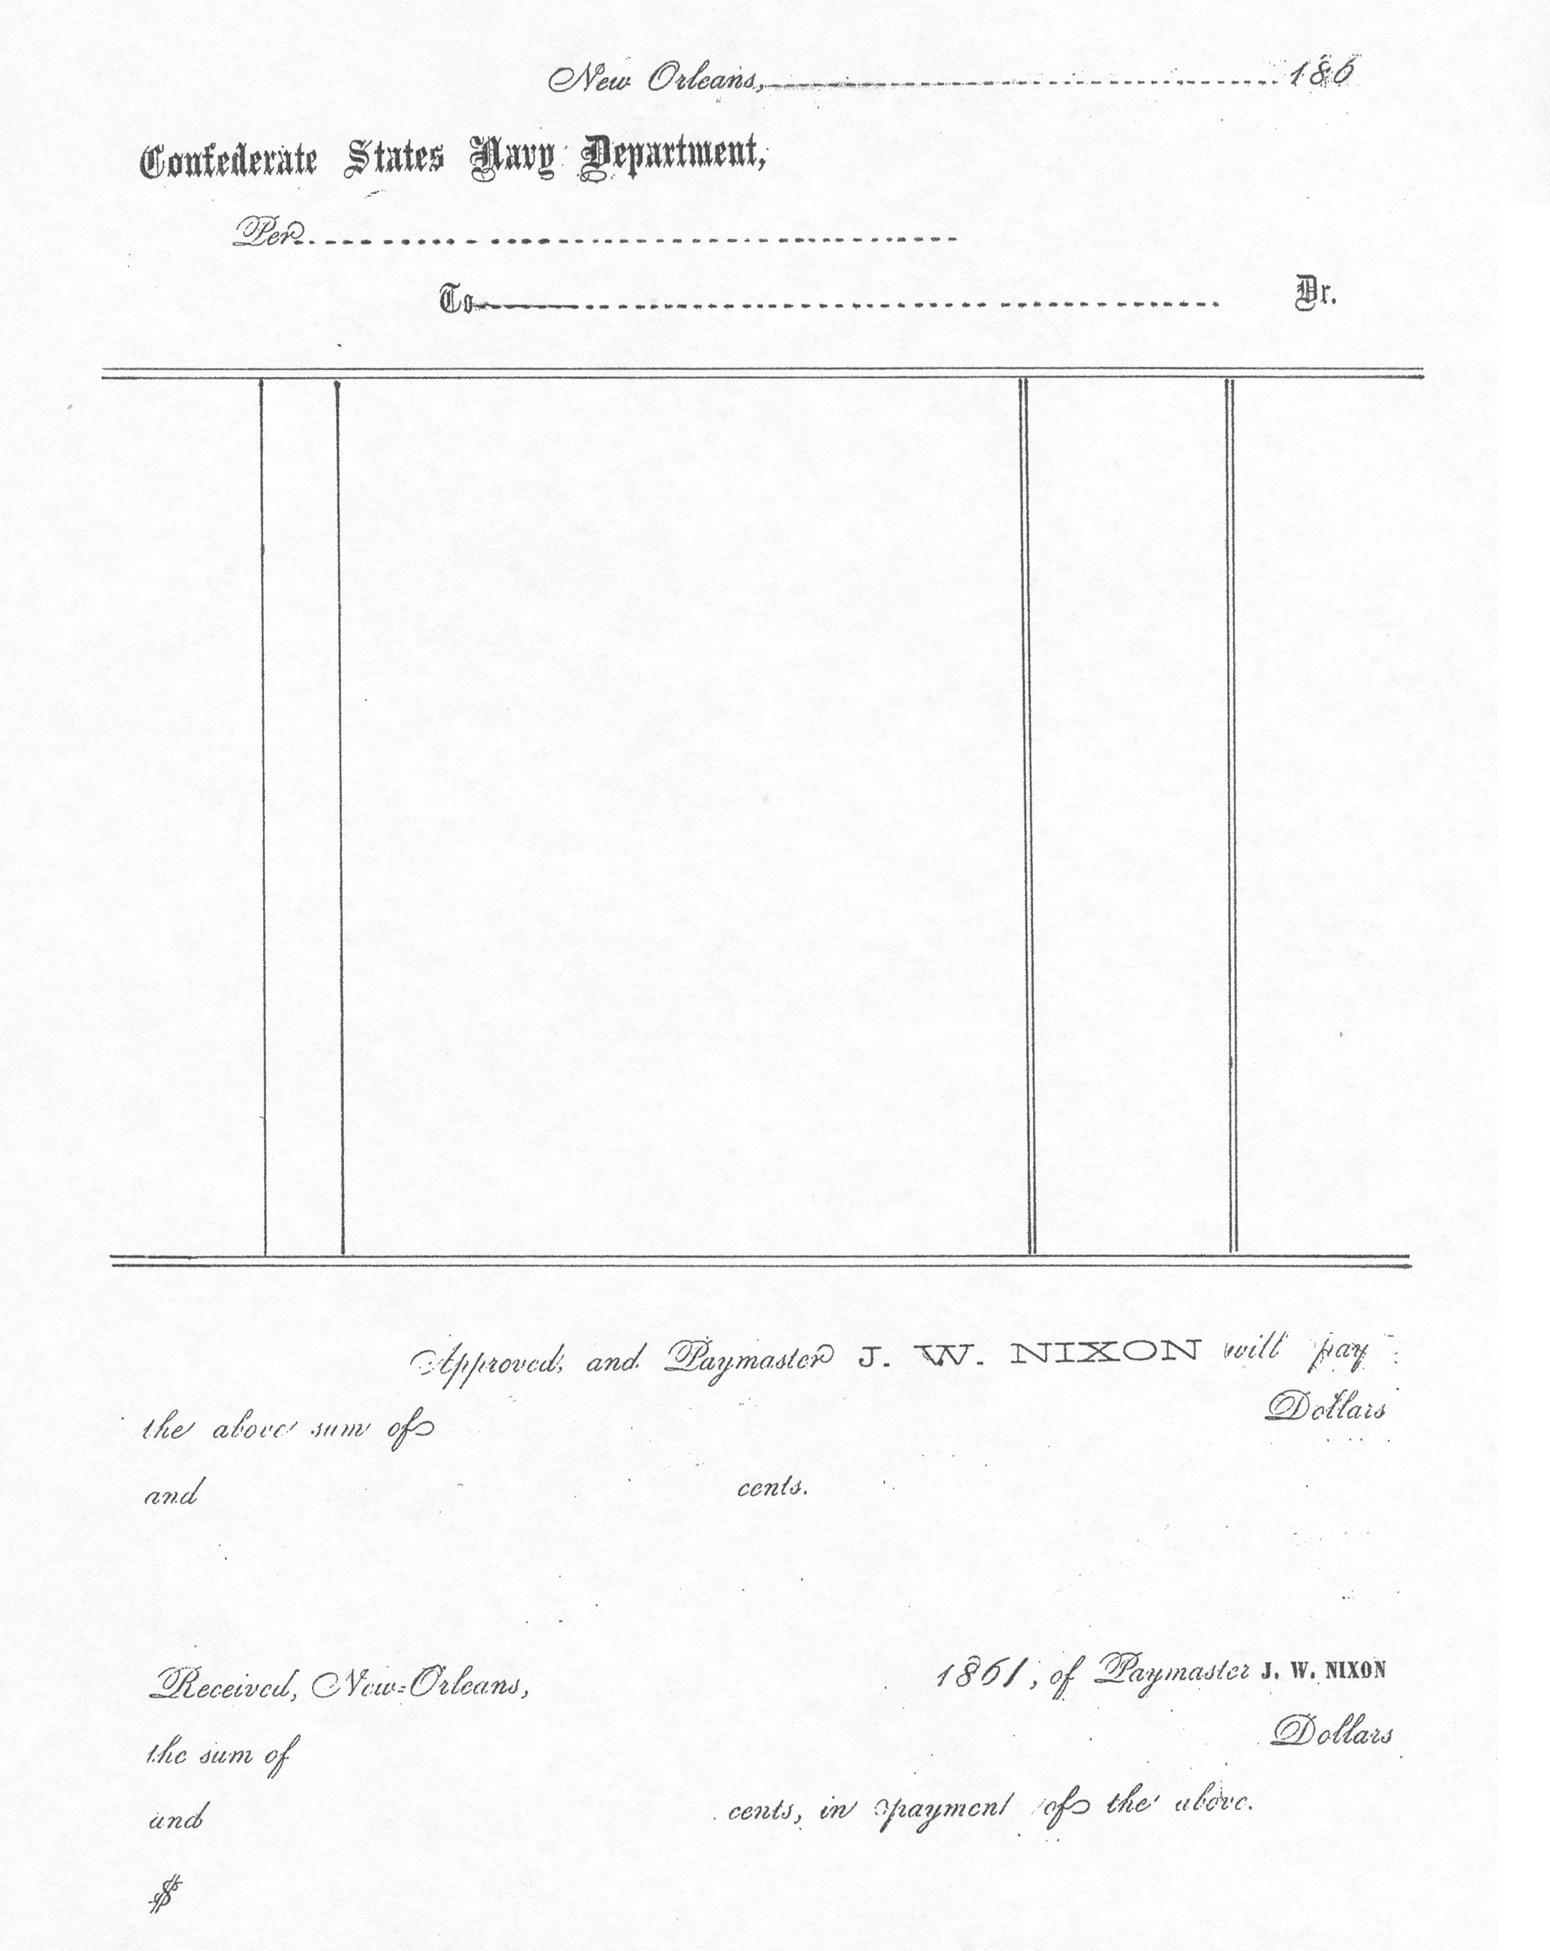 documents 7 75 x 9 75